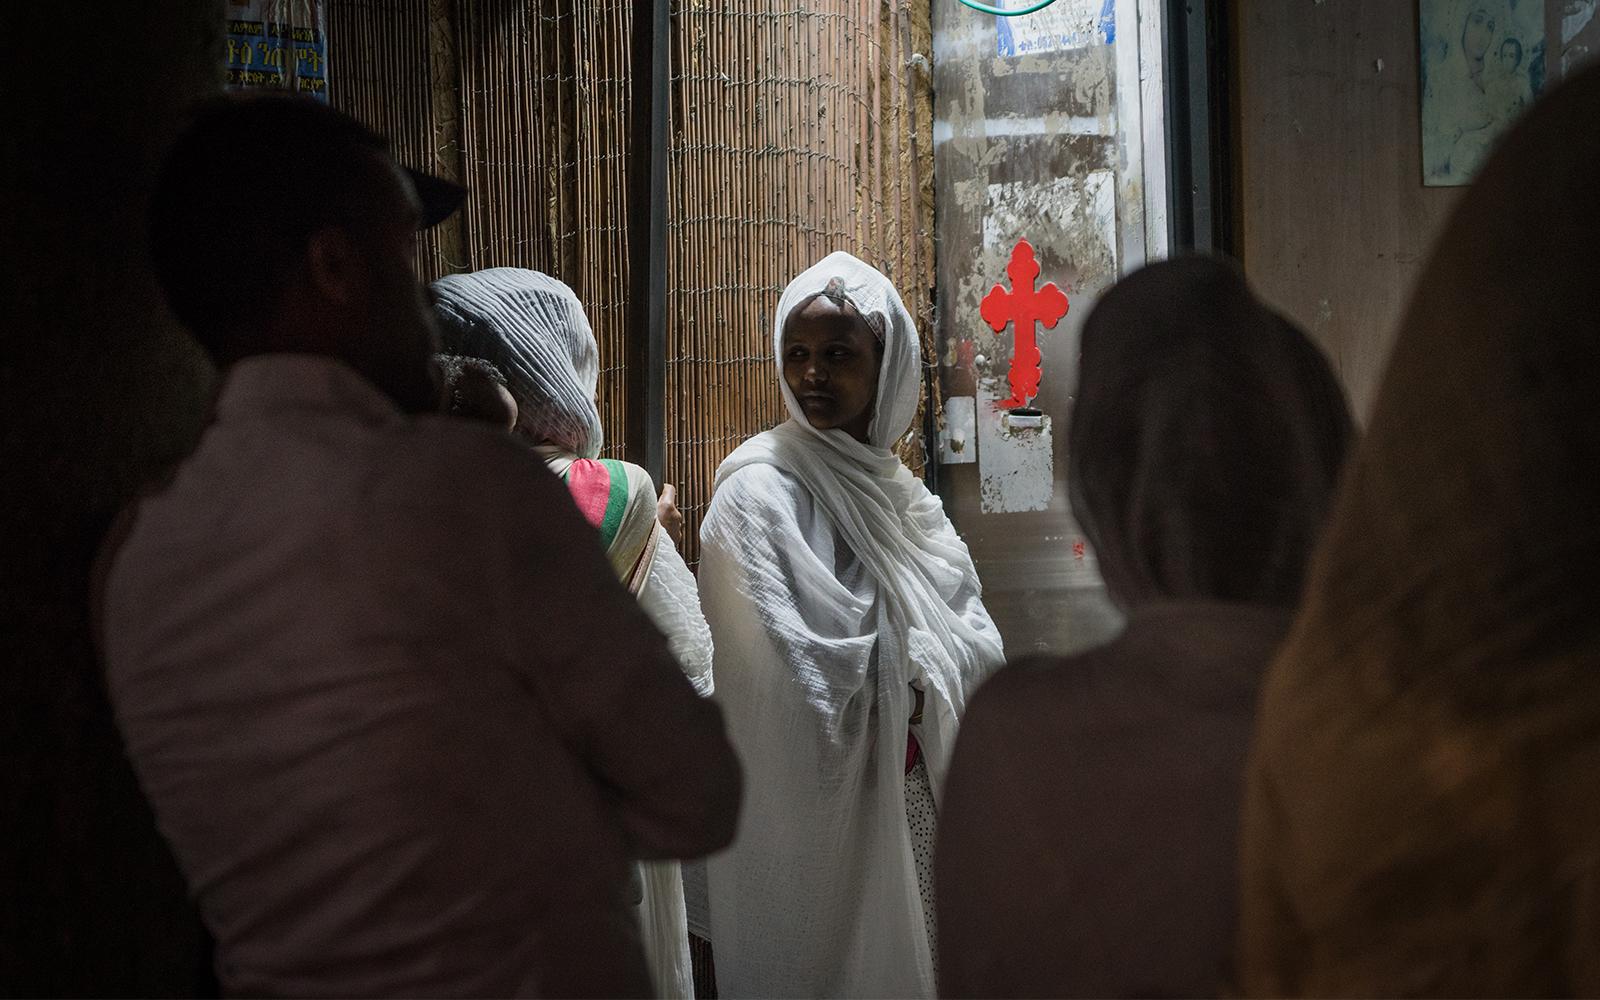 Under threat of deportation, Eritreans mark Easter in Tel Aviv | The